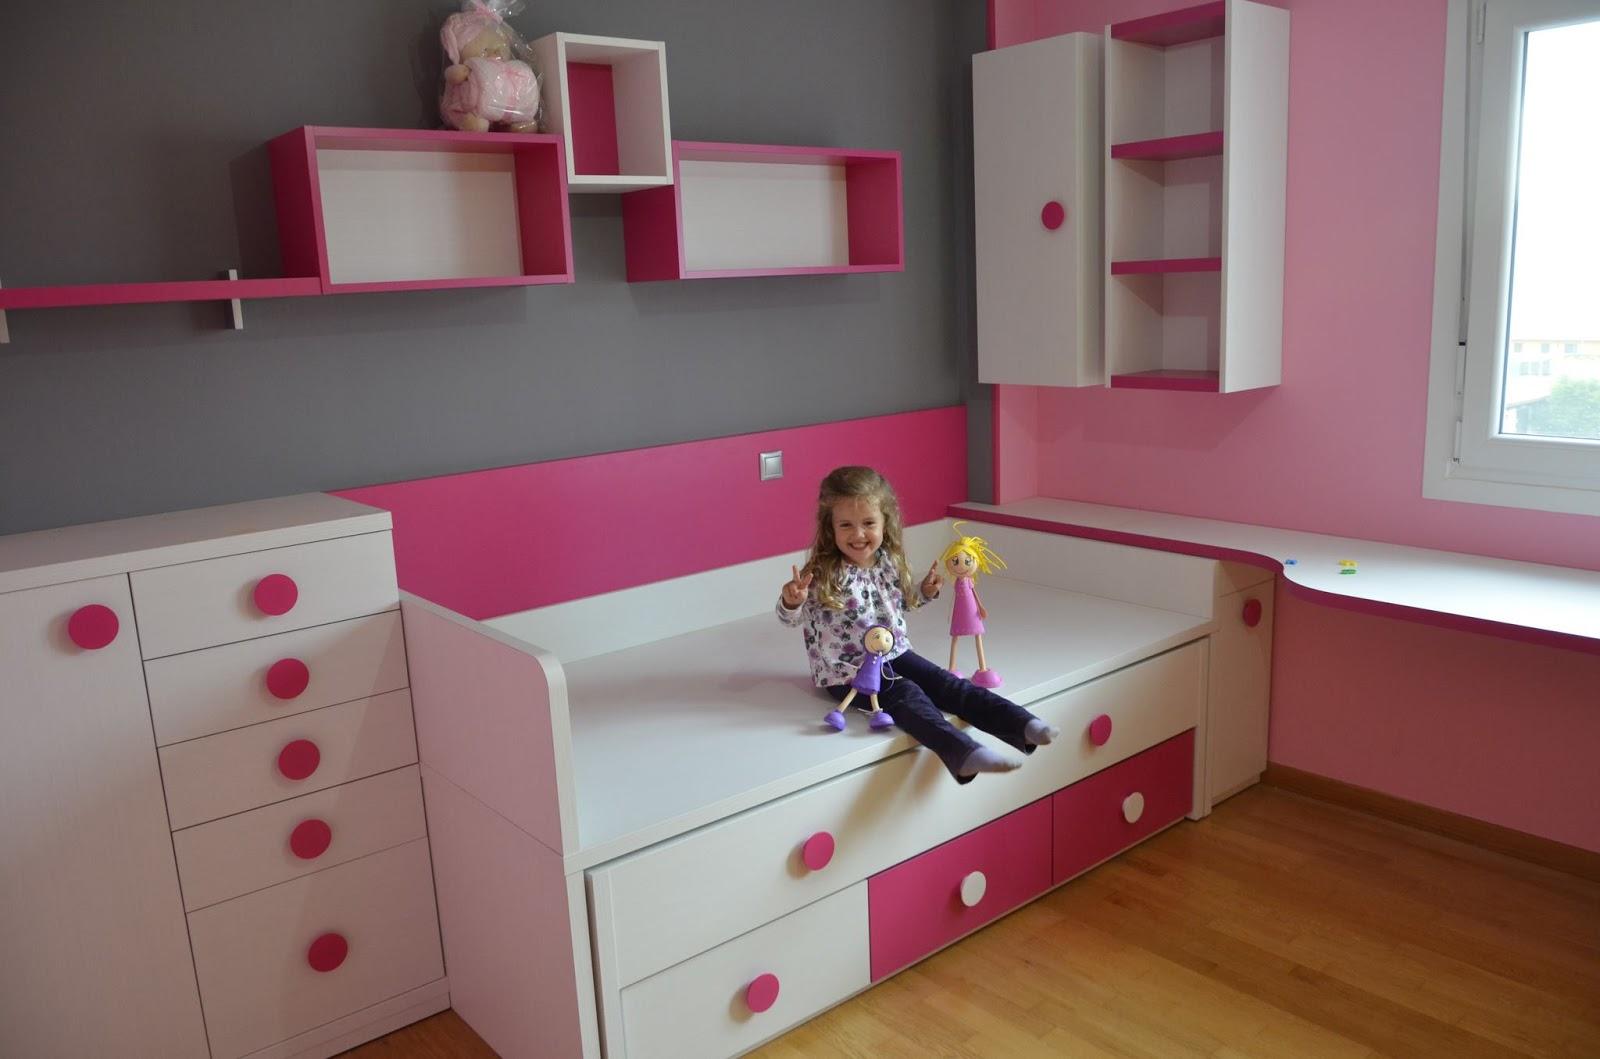 Muebles ros fatima ramos gana el 16 concurso de la for Muebles infantiles ros